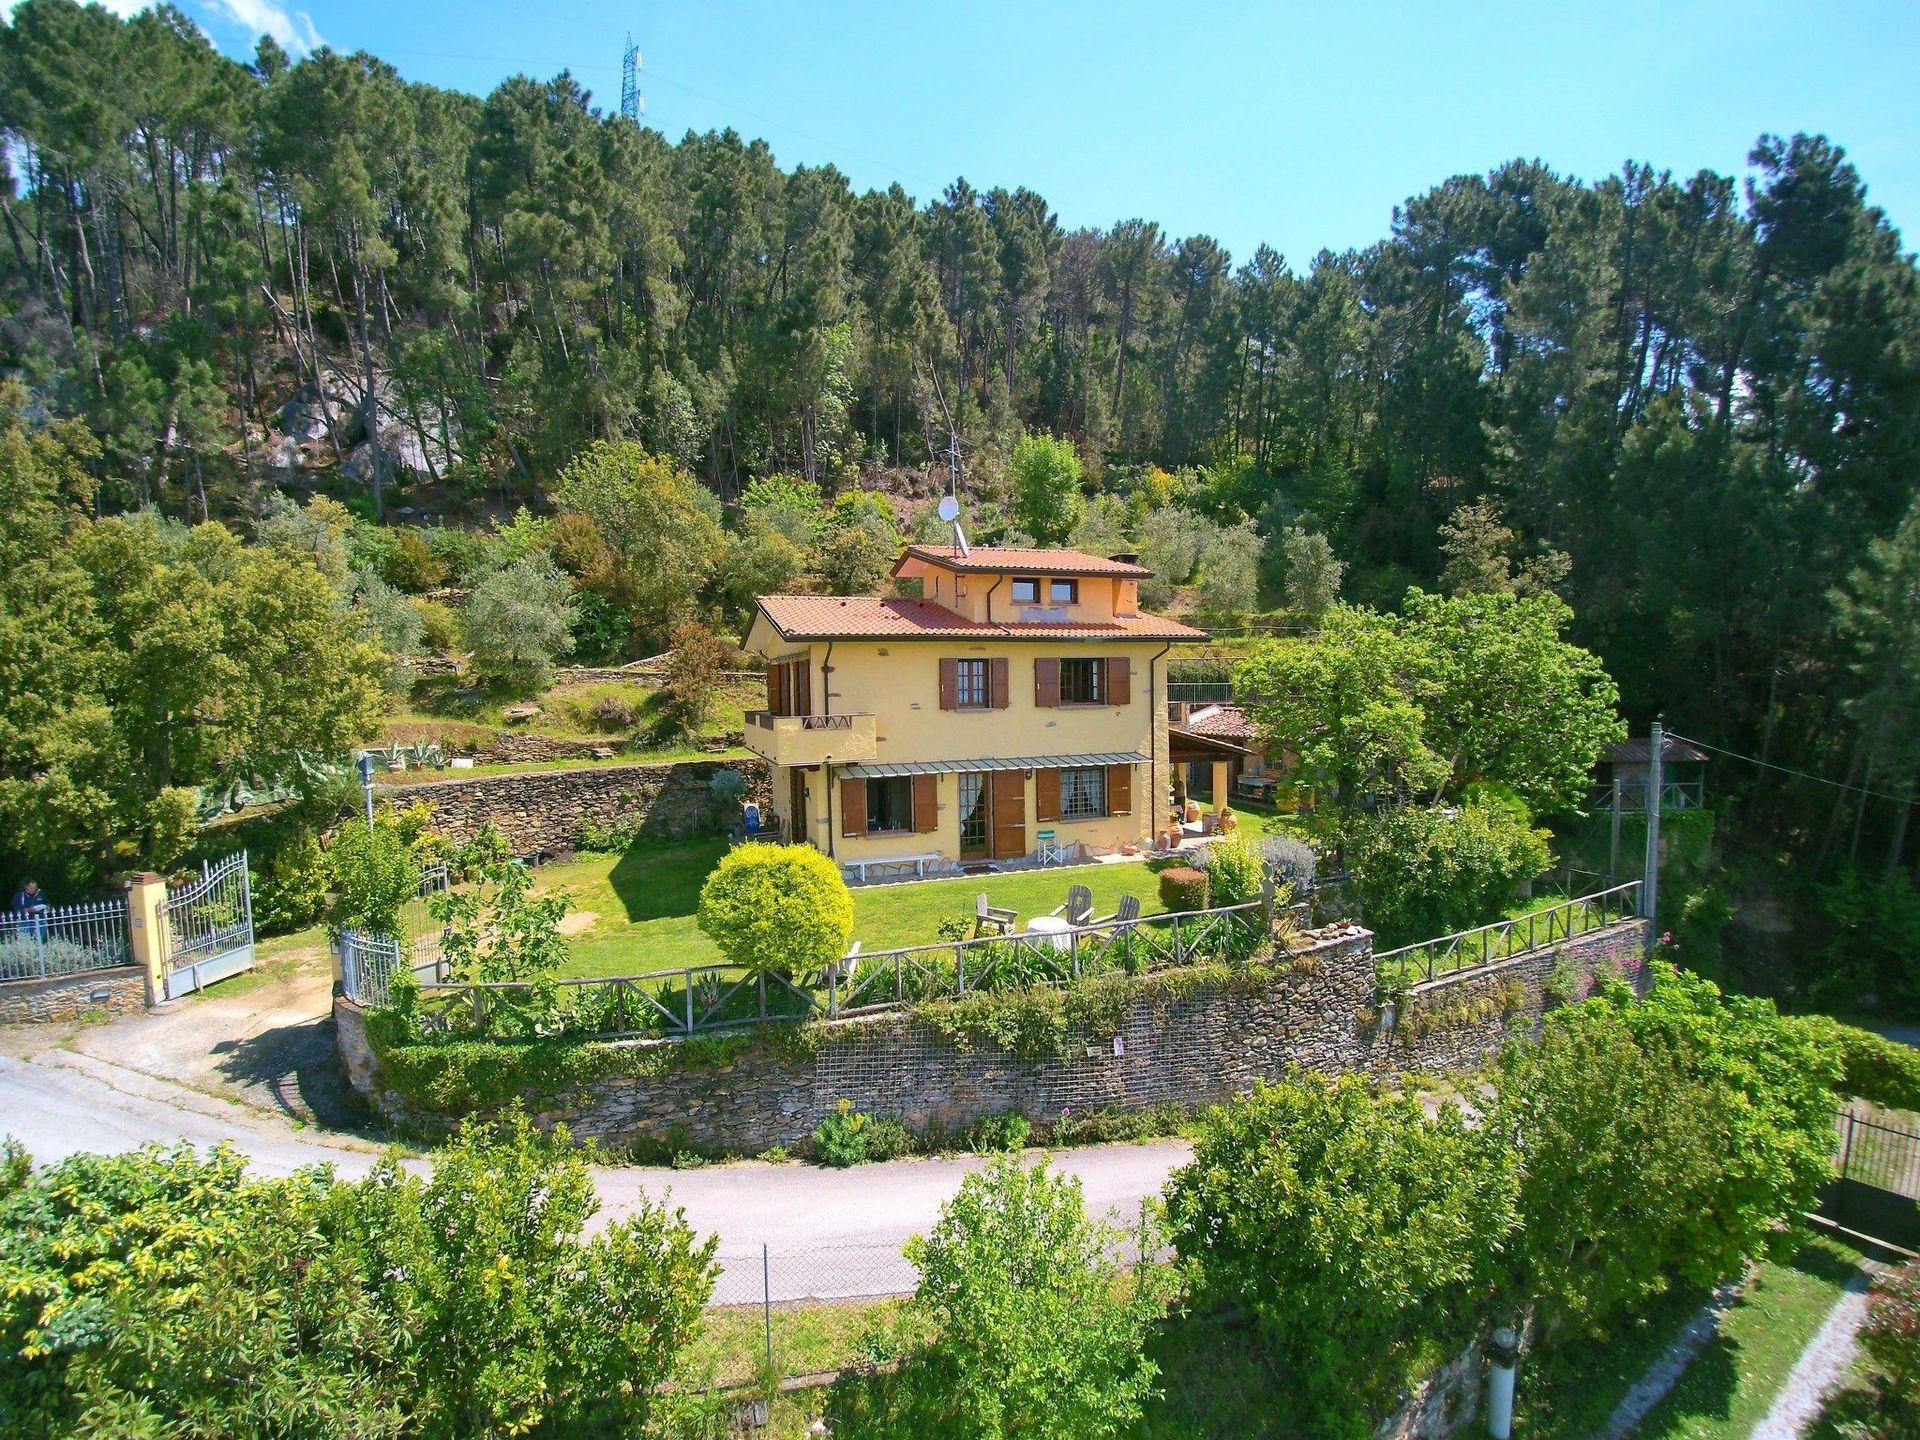 Casa montebello casa vacanze con 7 posti letto in 4 for Branson cabin rentals 4 camere da letto